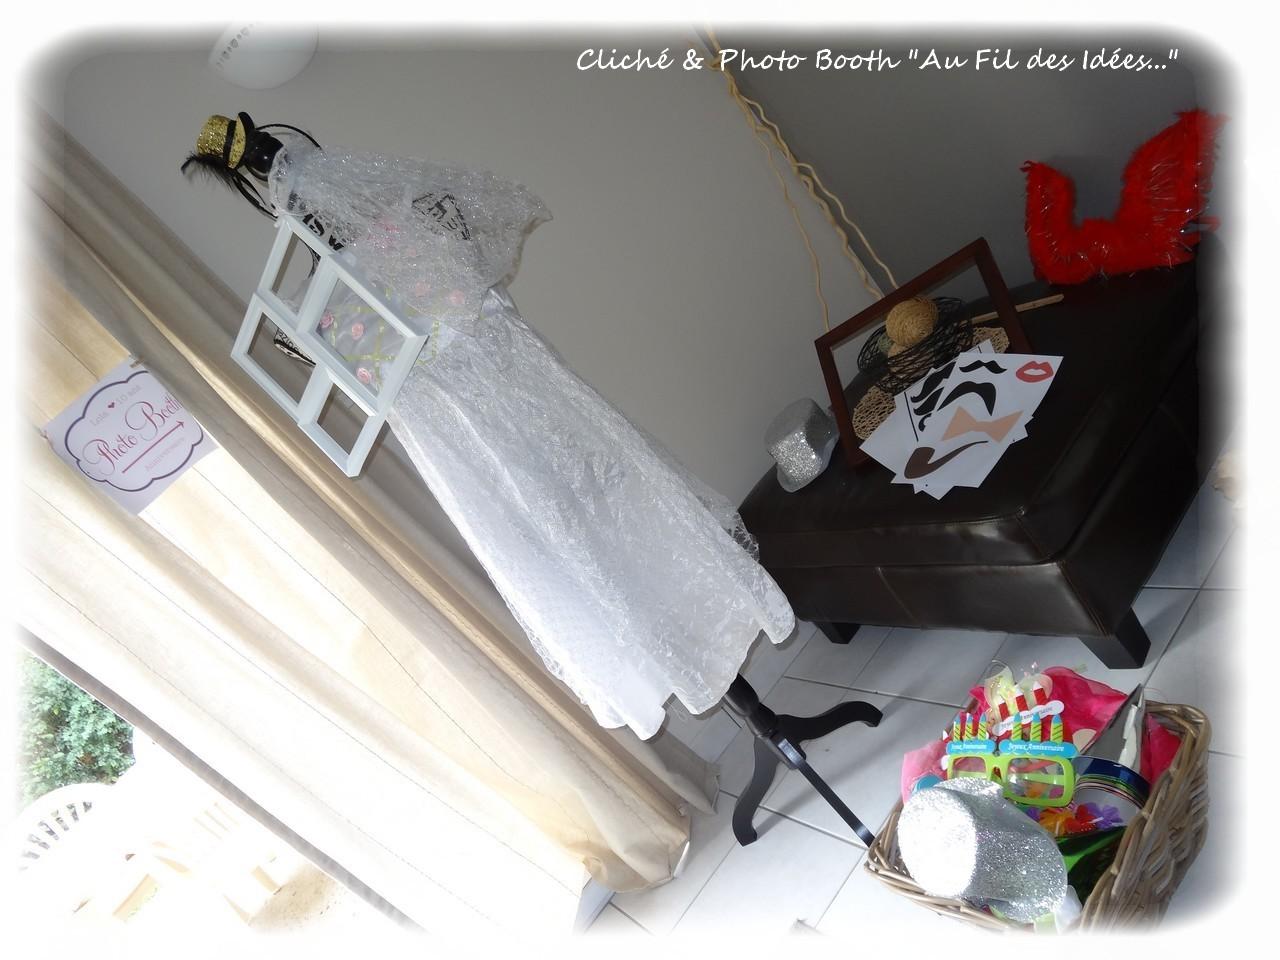 Photo Booth créa Au Fil des Idées - Septembre 2014